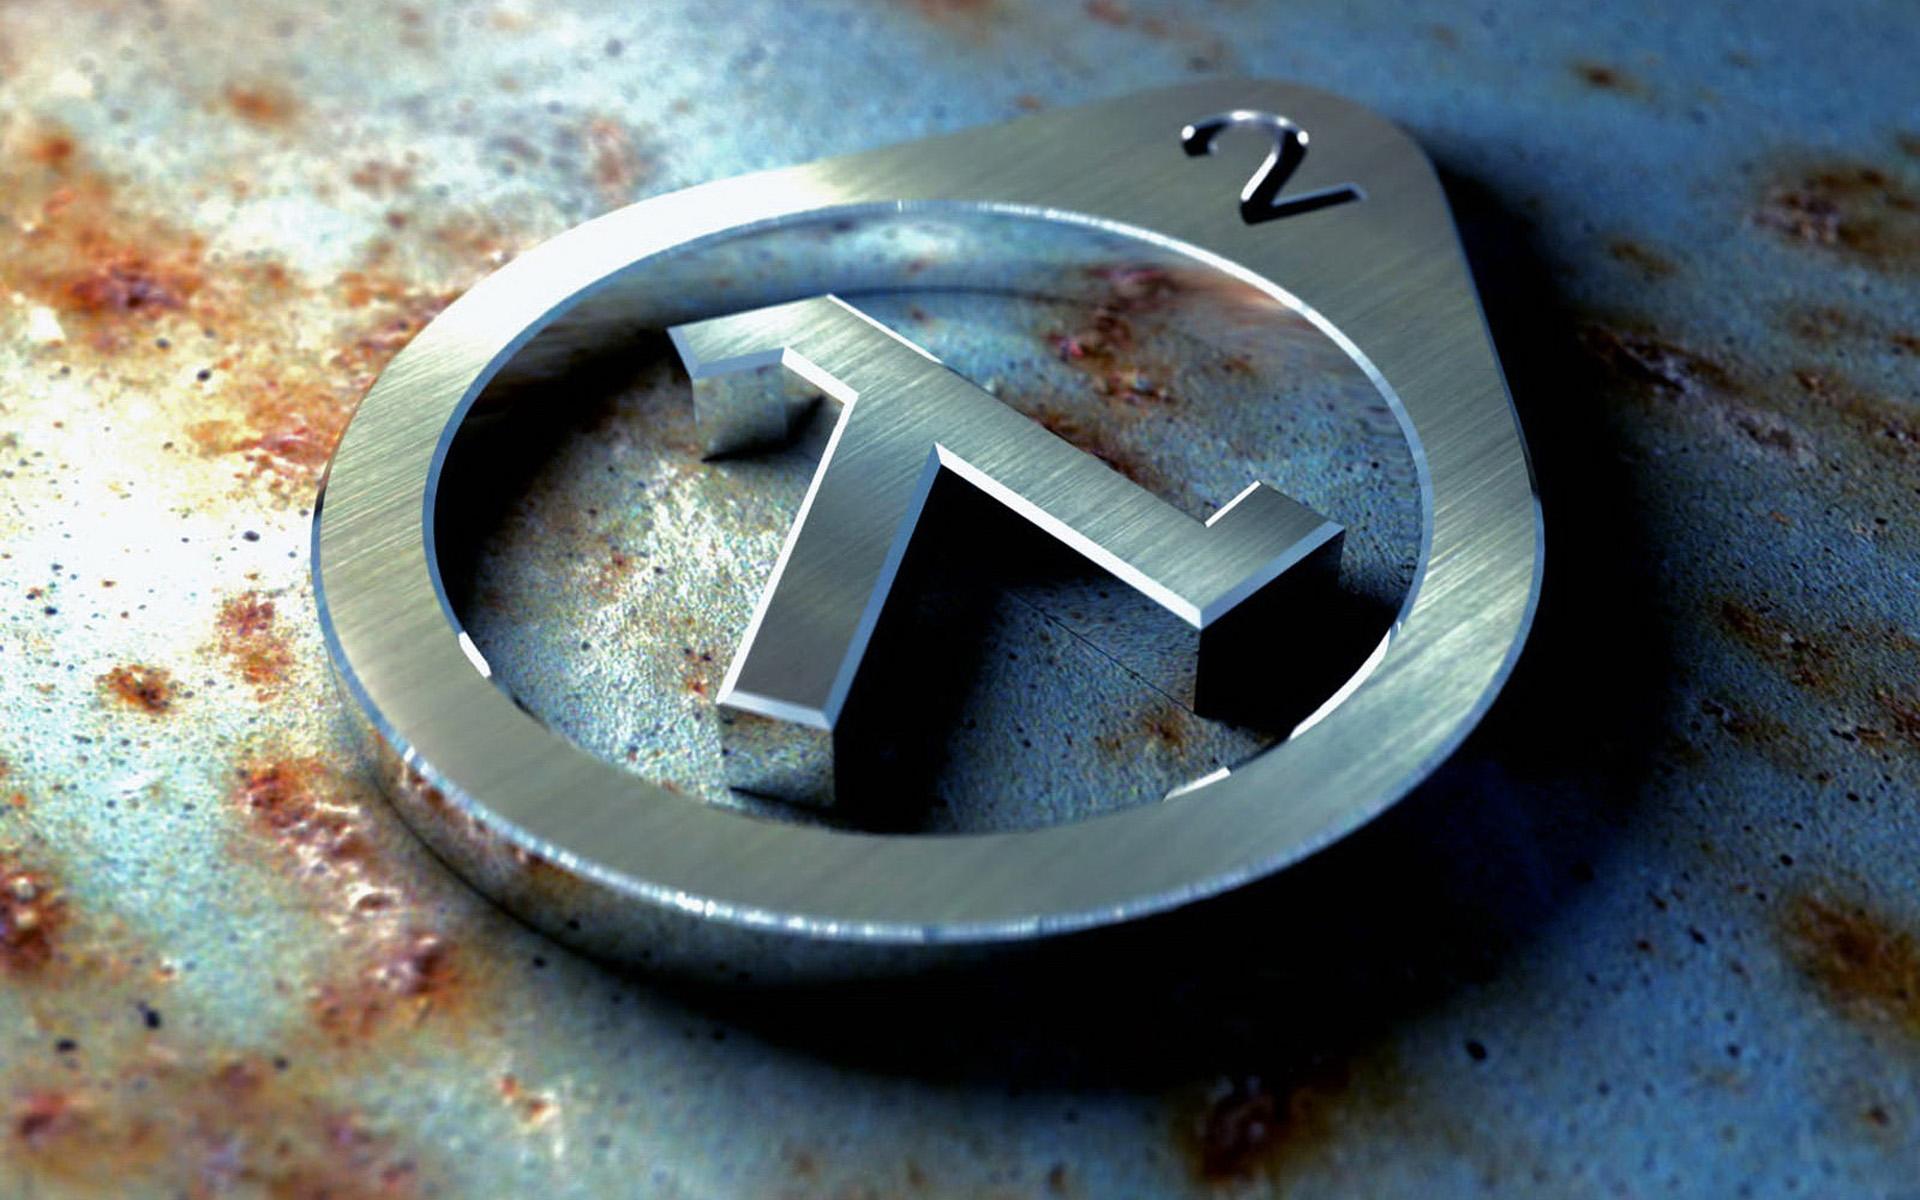 Half Life logo metal wallpaper, скачать фото, обои для рабочего стола